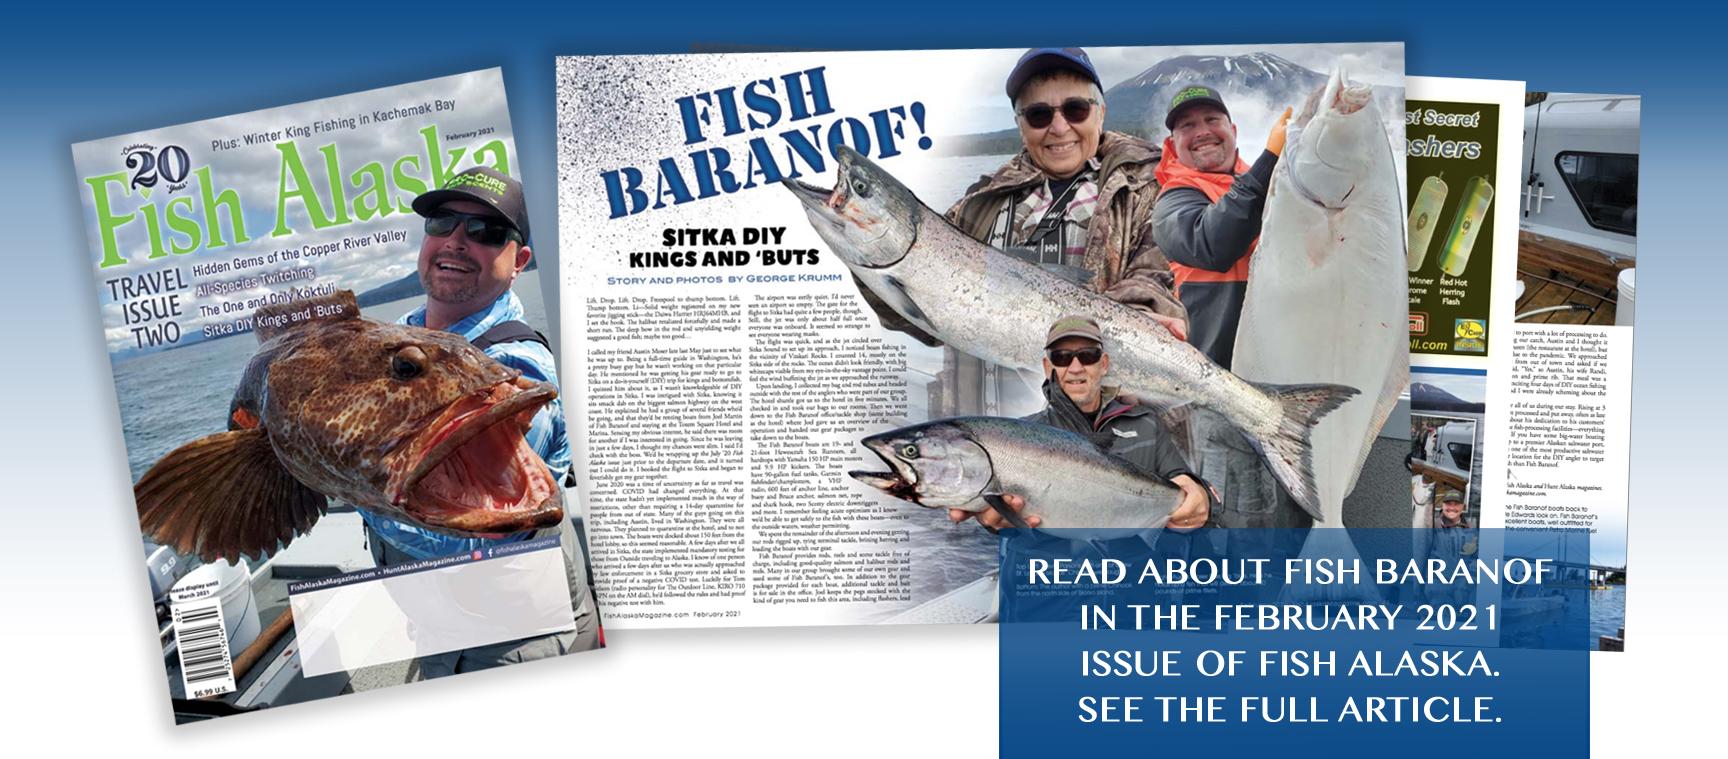 fish baranof